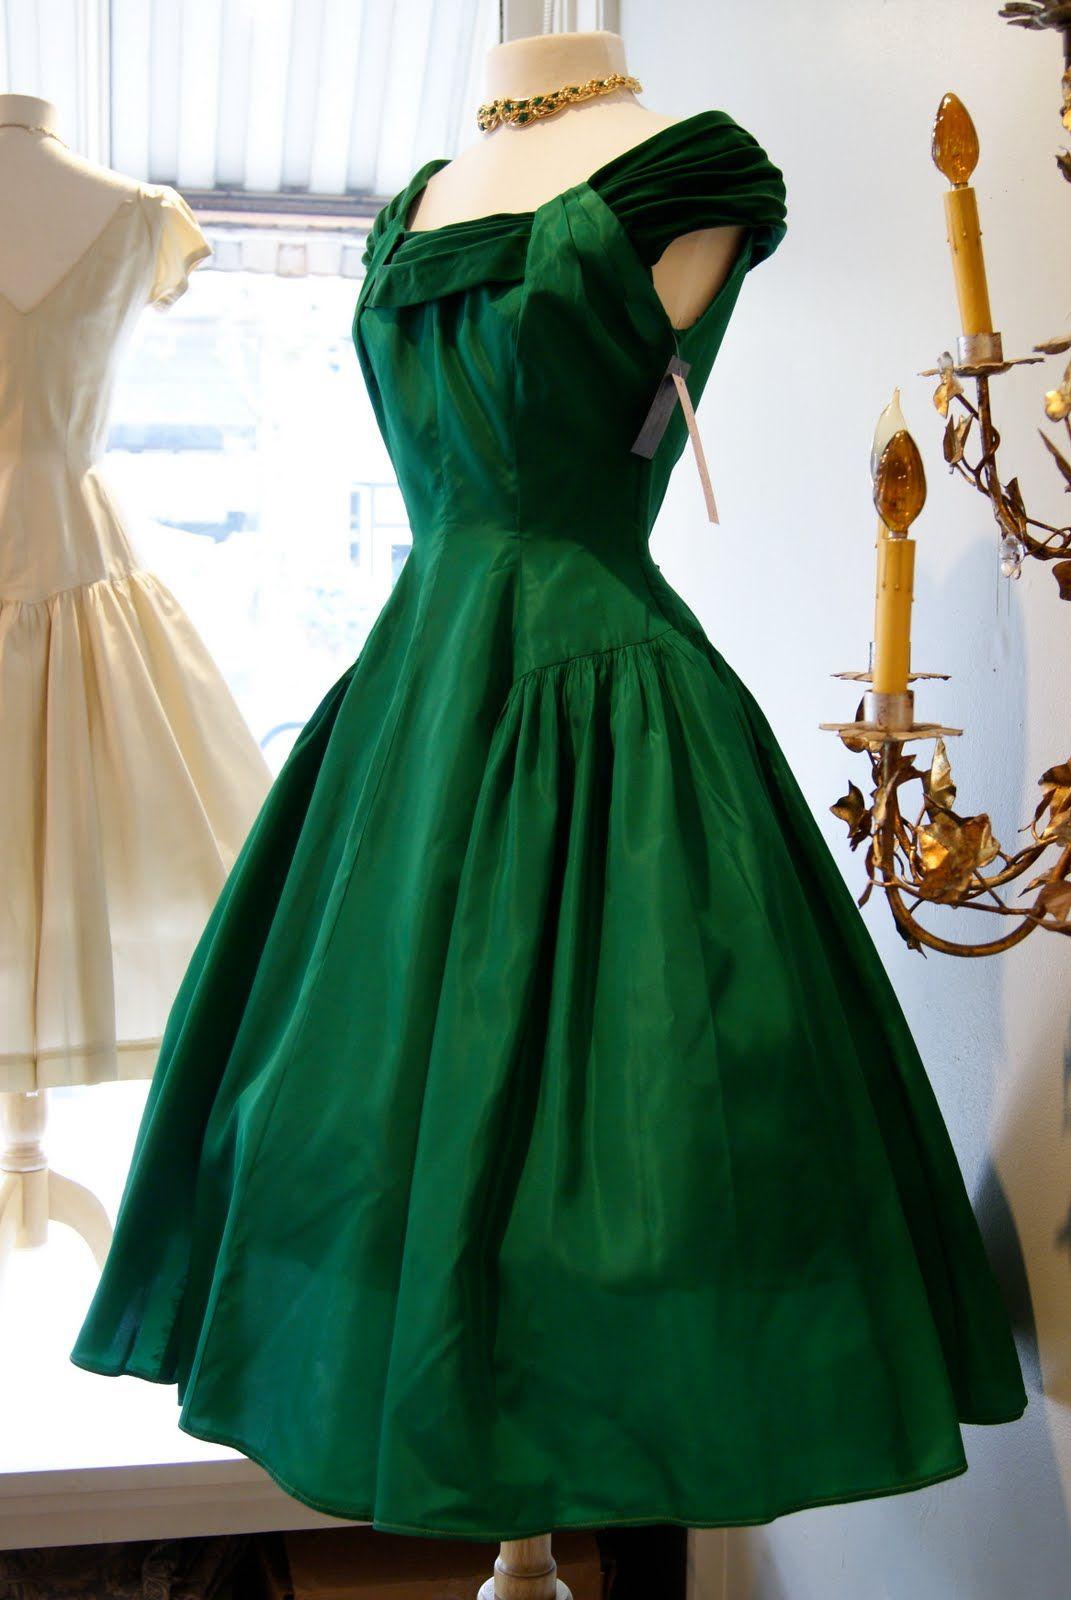 Best vintage wedding dress designers  Xtabay Vintage Clothing Boutique  Portland Oregon  Darling